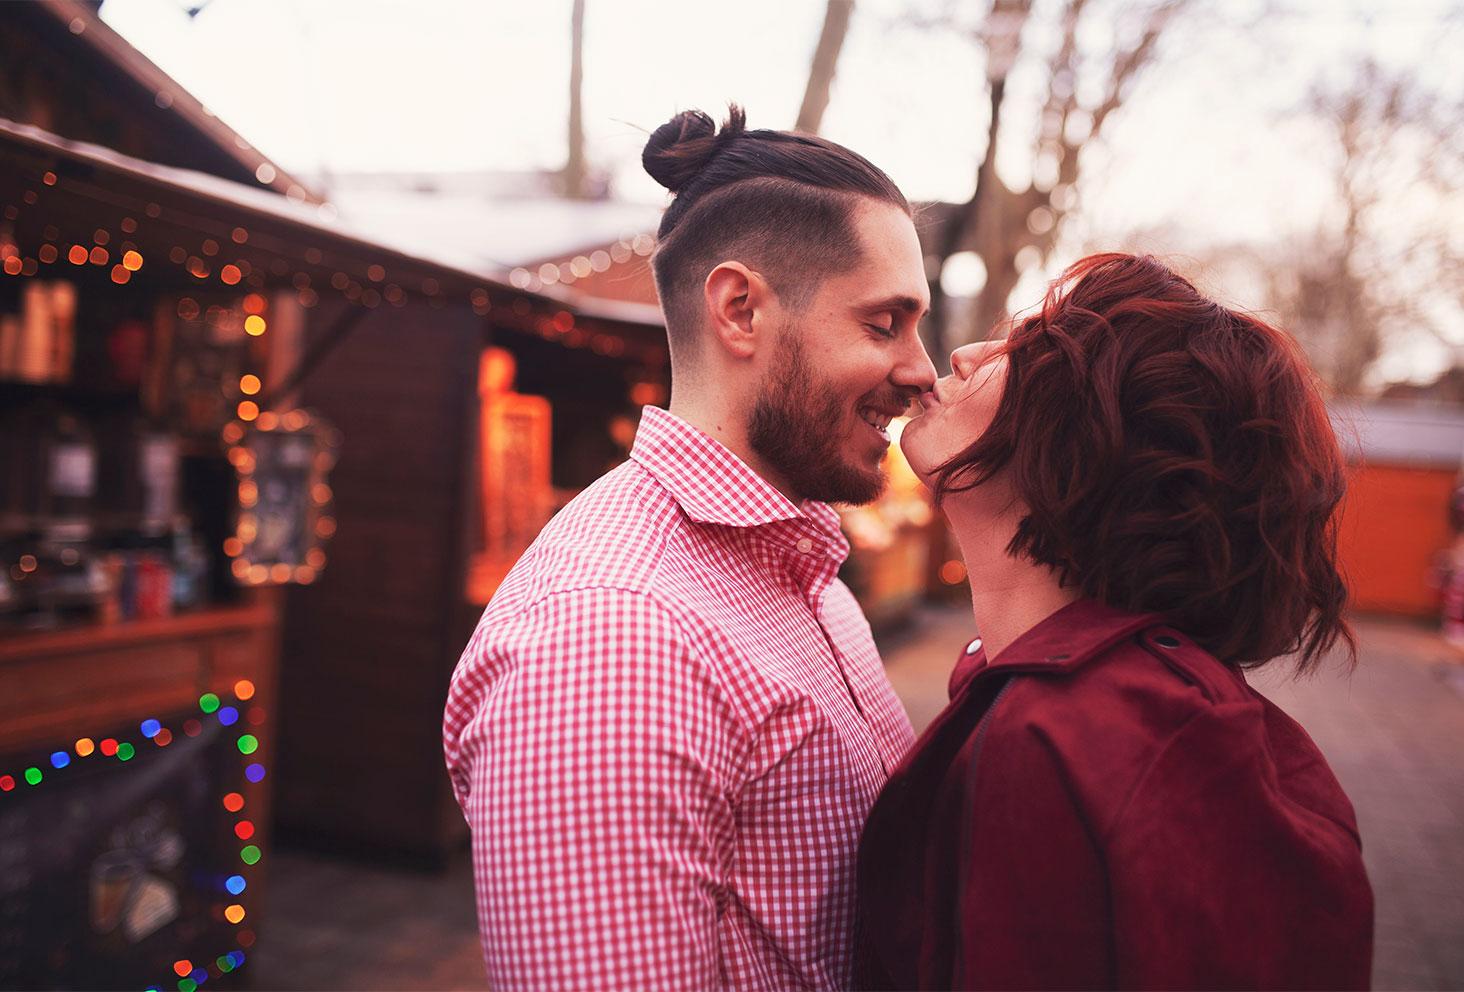 Bisou sur le nez de mon amoureux au milieu du marché de Noël en tenue de fêtes